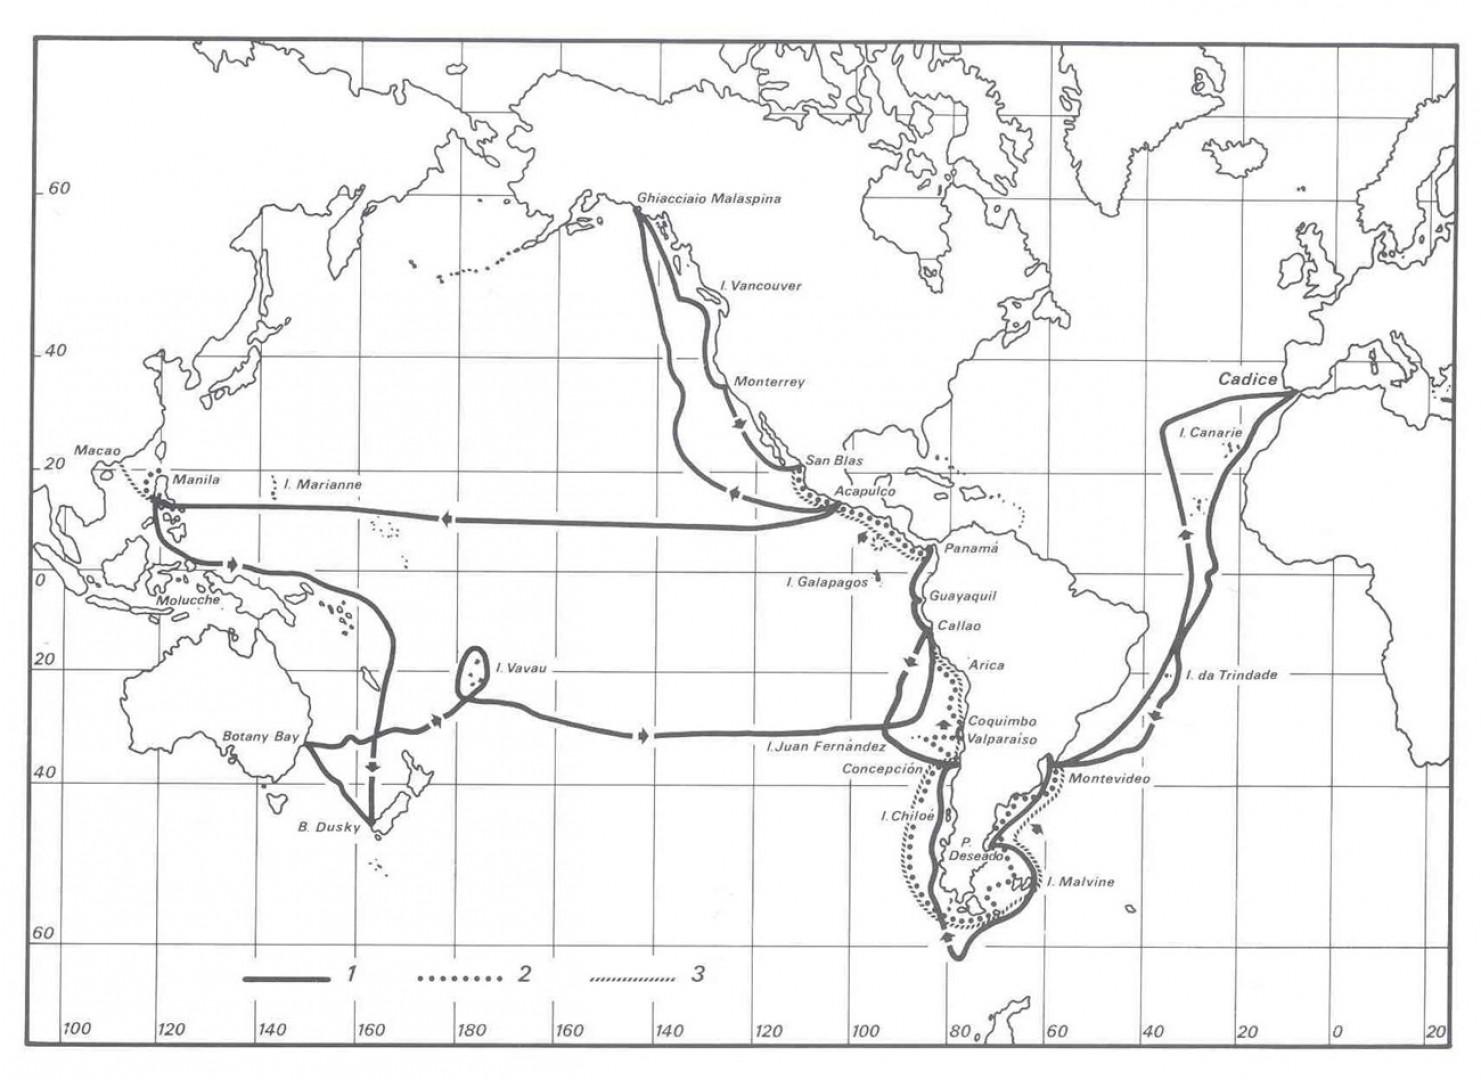 La Spedizione delle corvette Descubierta y Atrevida 1789-94